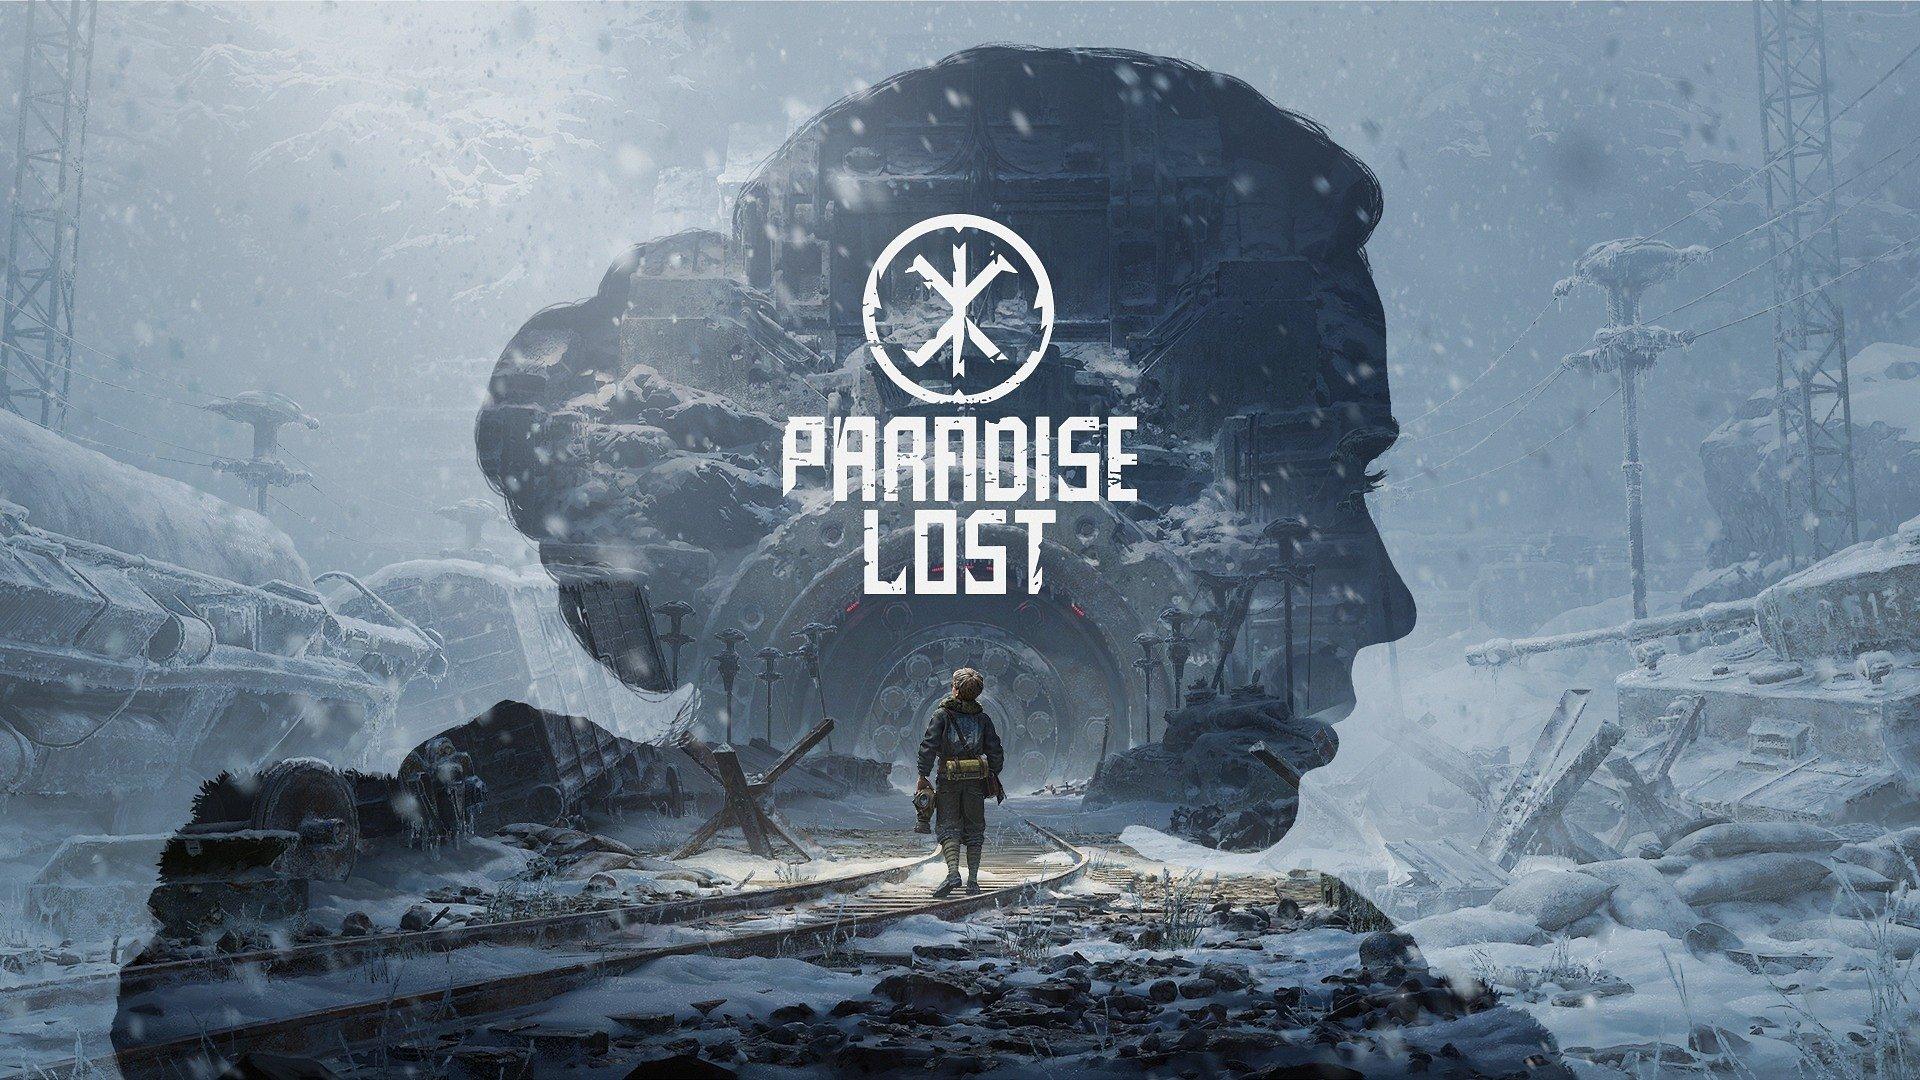 Paradise Lost już dostępny! Obejrzyjcie nowy zwiastun i sprawdźcie, gdzie można zdobyć grę.